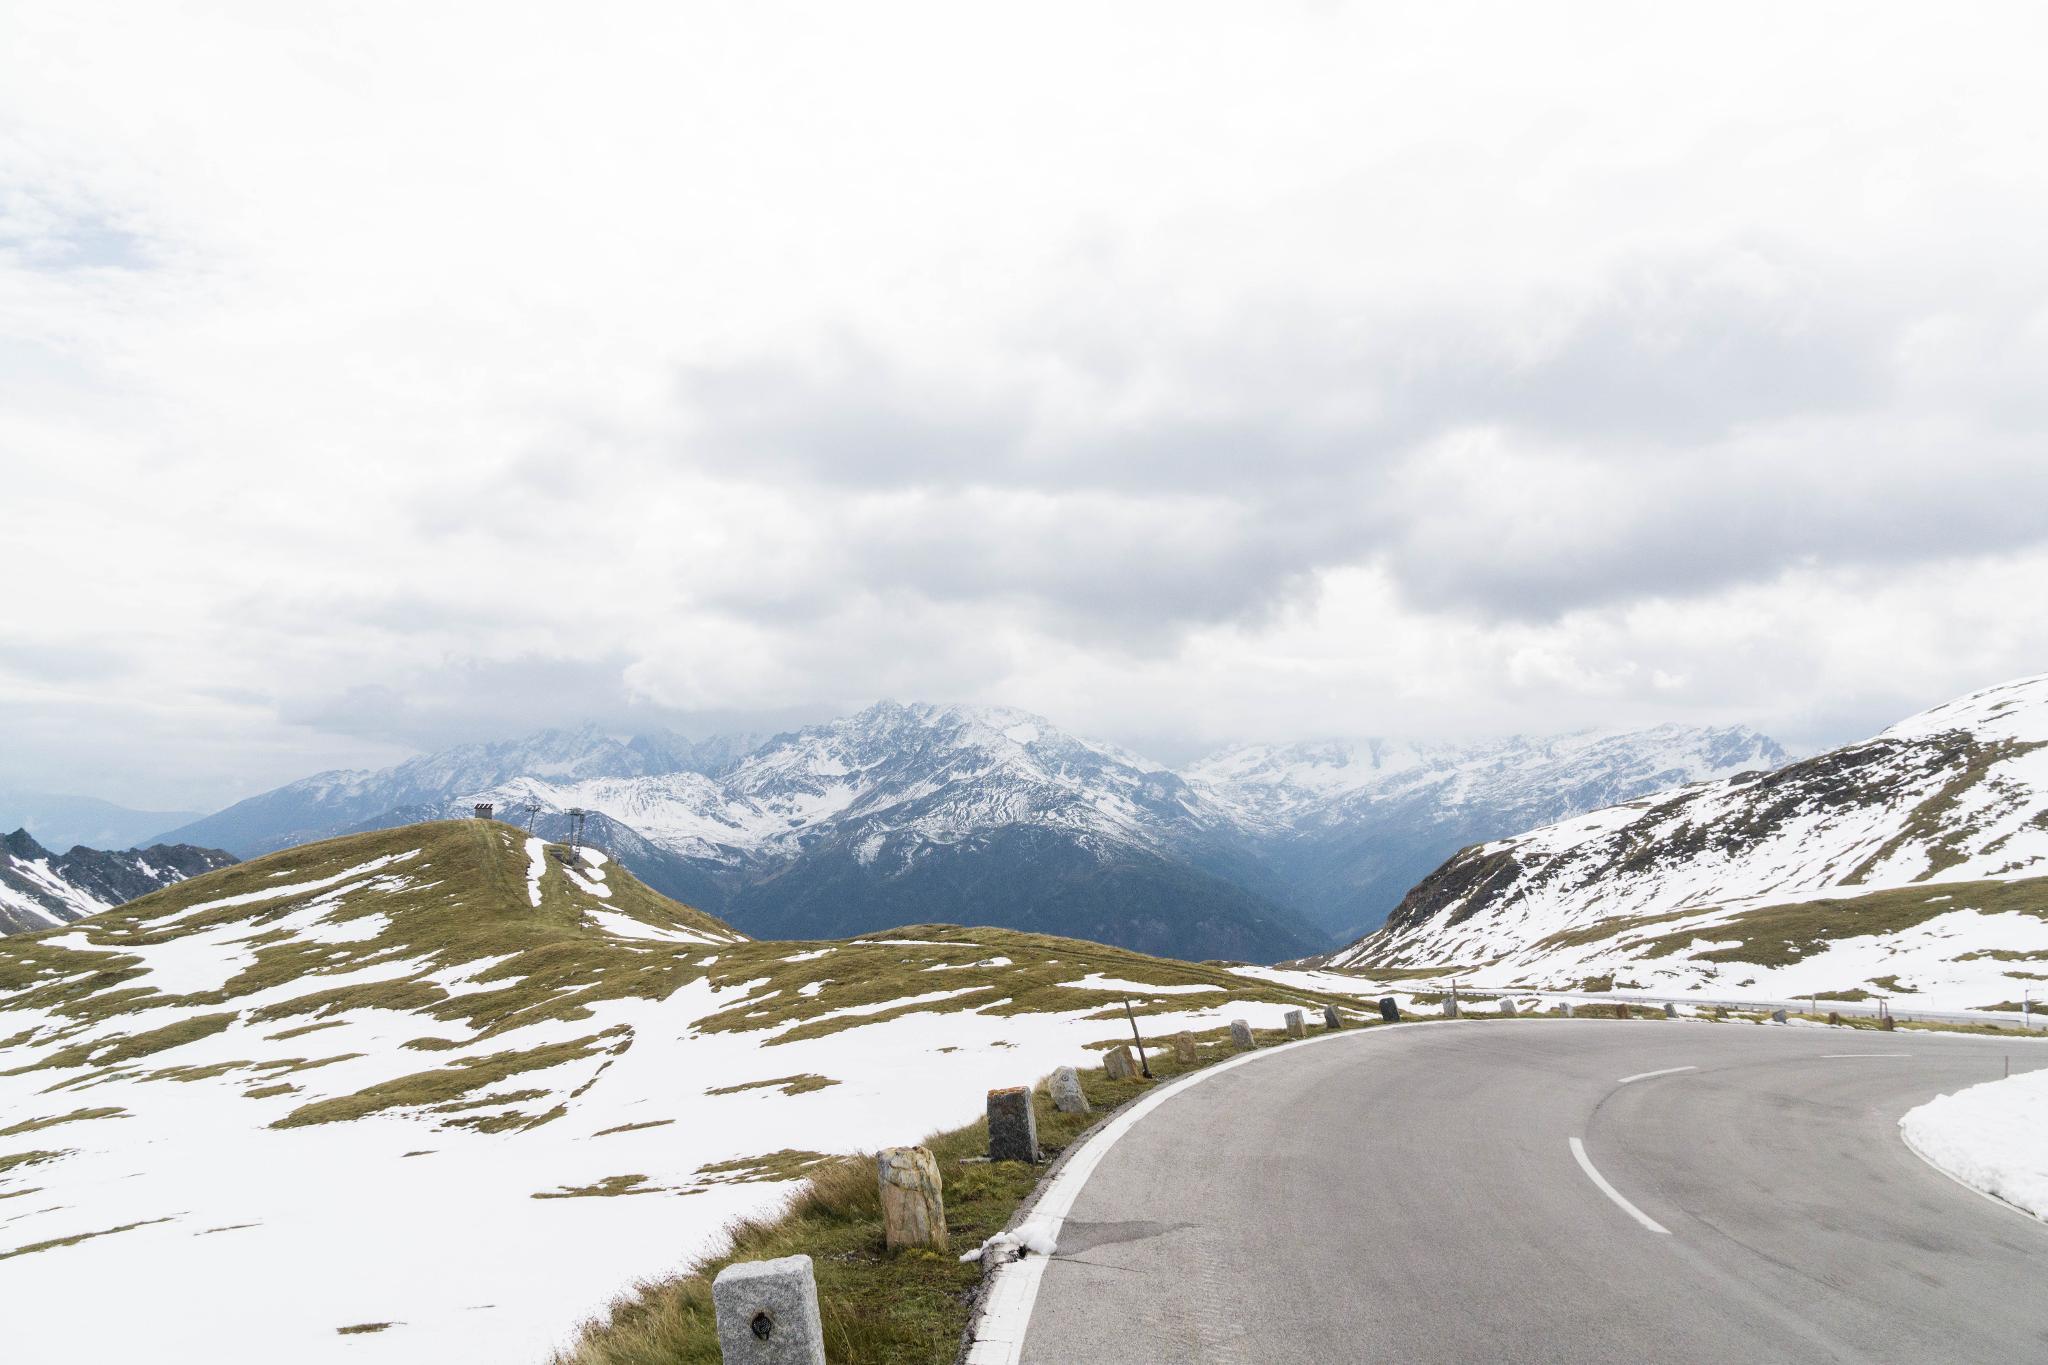 【奧地利】穿越阿爾卑斯之巔 — 奧地利大鐘山冰河公路 (Grossglockner High Alpine Road) 39